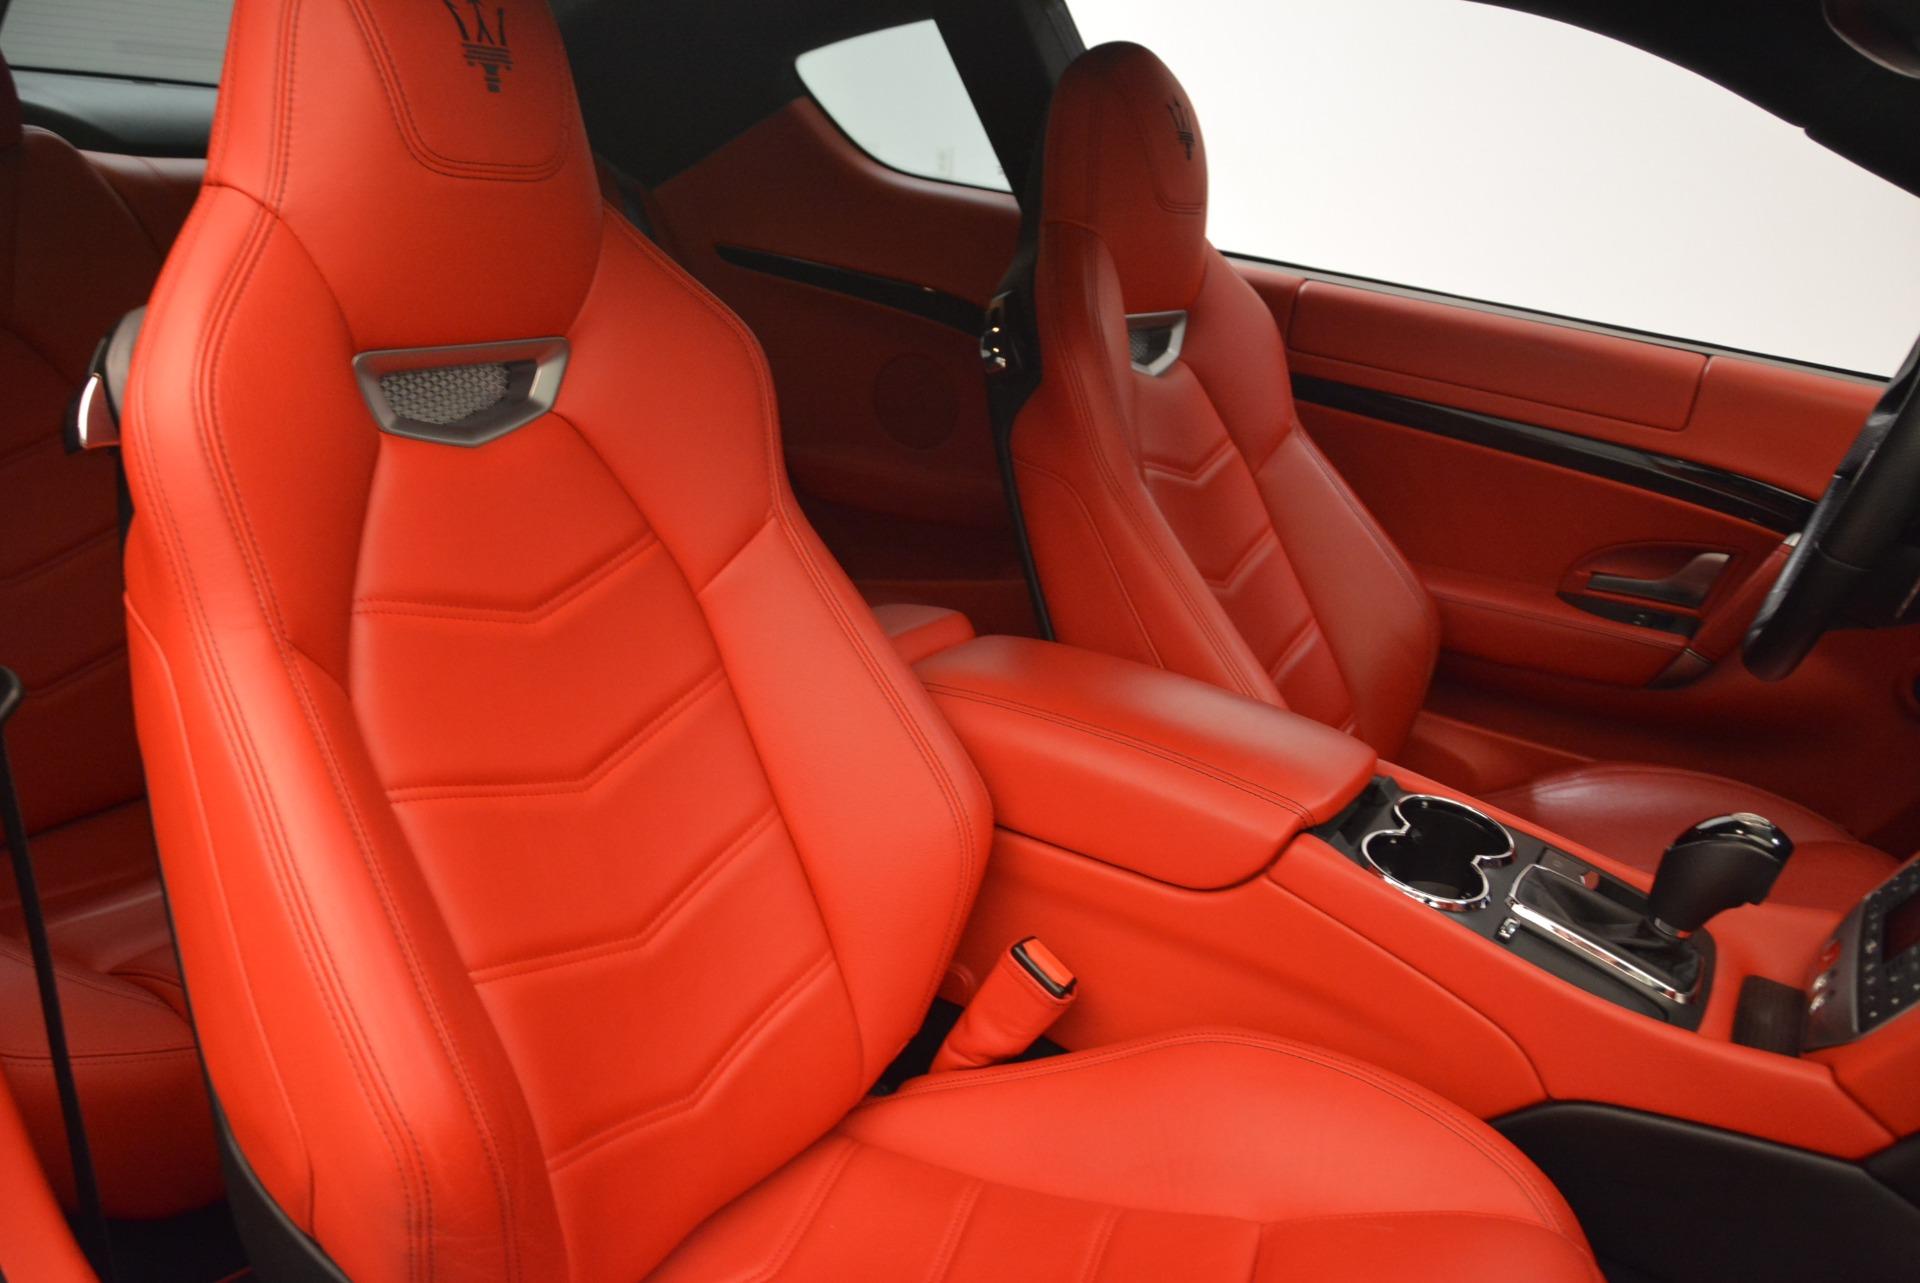 Used 2014 Maserati GranTurismo Sport For Sale In Westport, CT 2131_p19